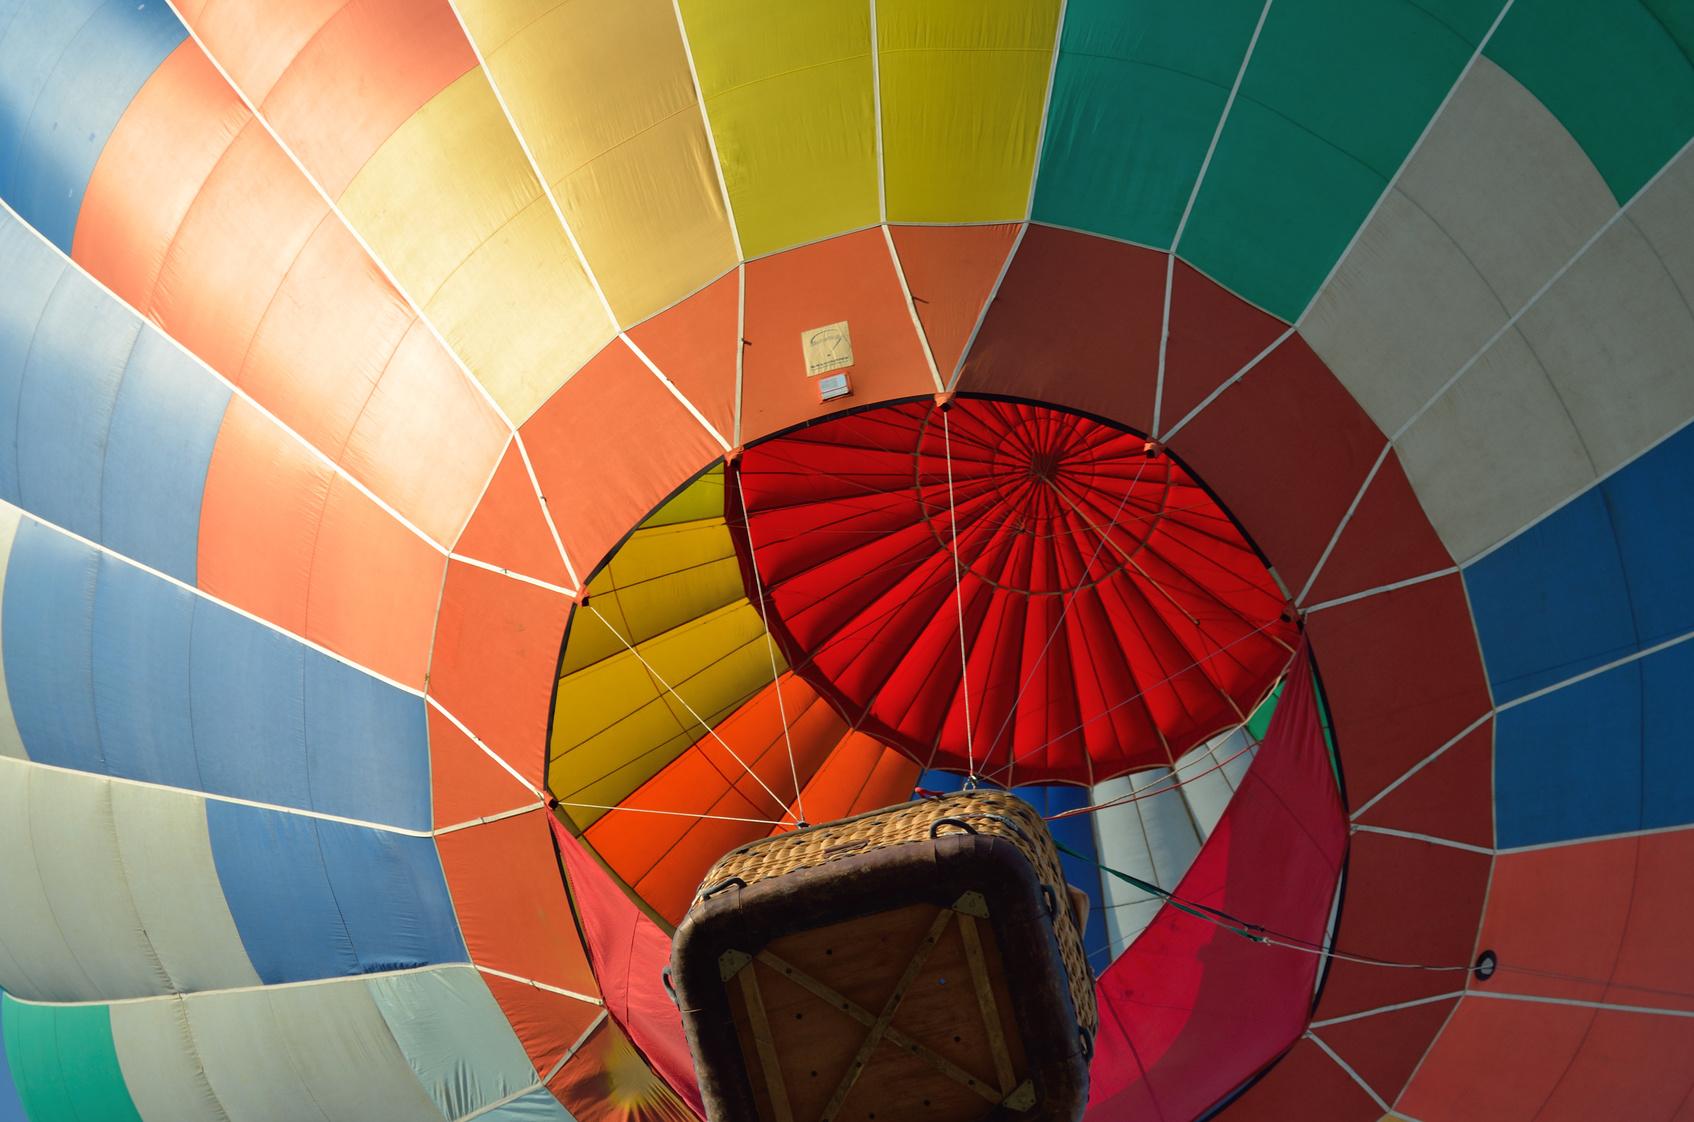 Conheça o sul de Minas num passeio de balão | Foto: Lucio / Fotolia